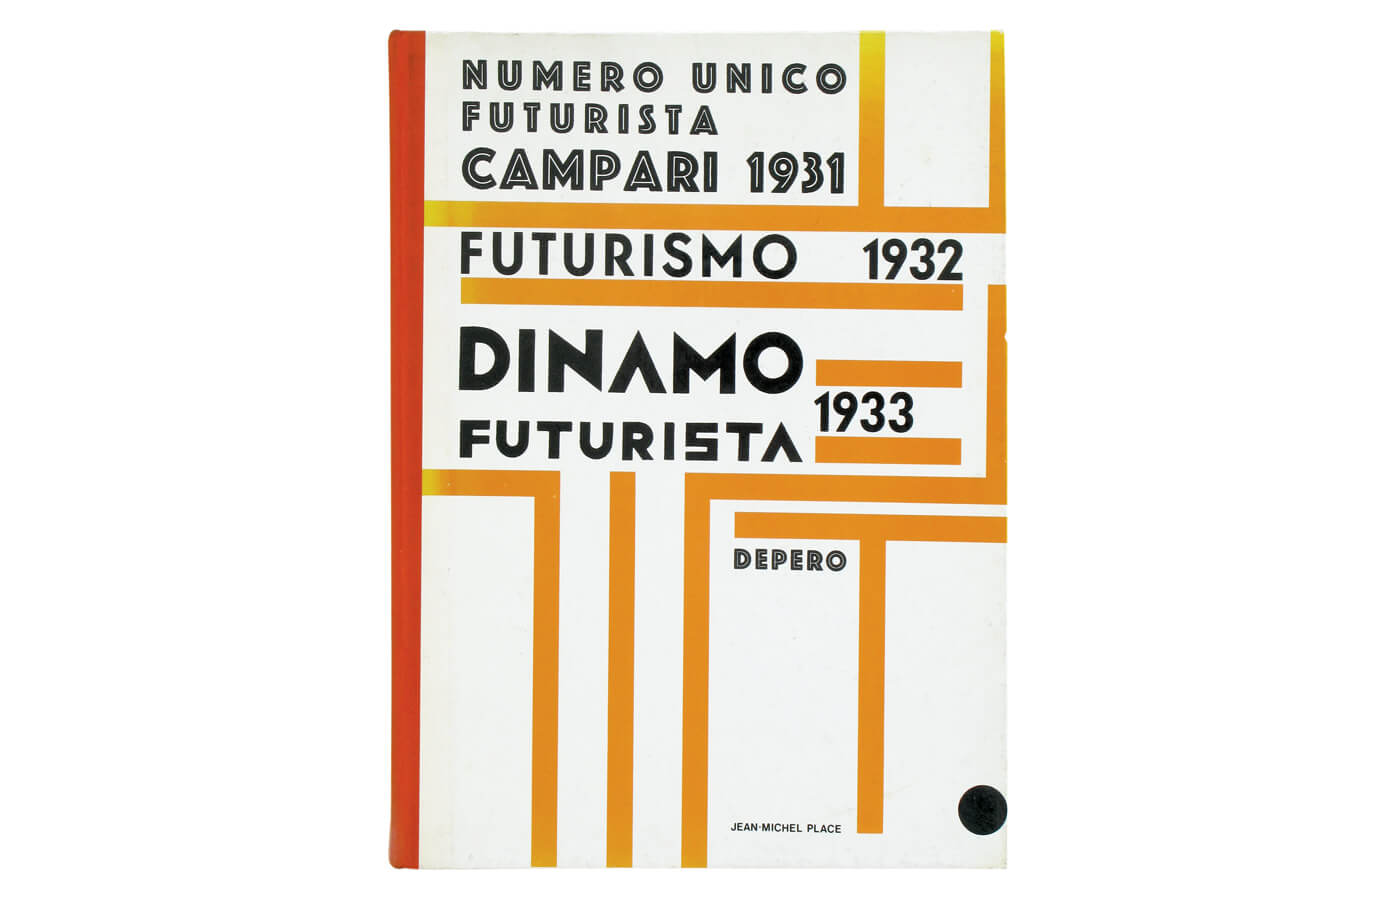 Revues de Depero 1931-1933: Numero Unico Futurista Campari 1931, Futurismo 1932, Dinamo Futurista 1933